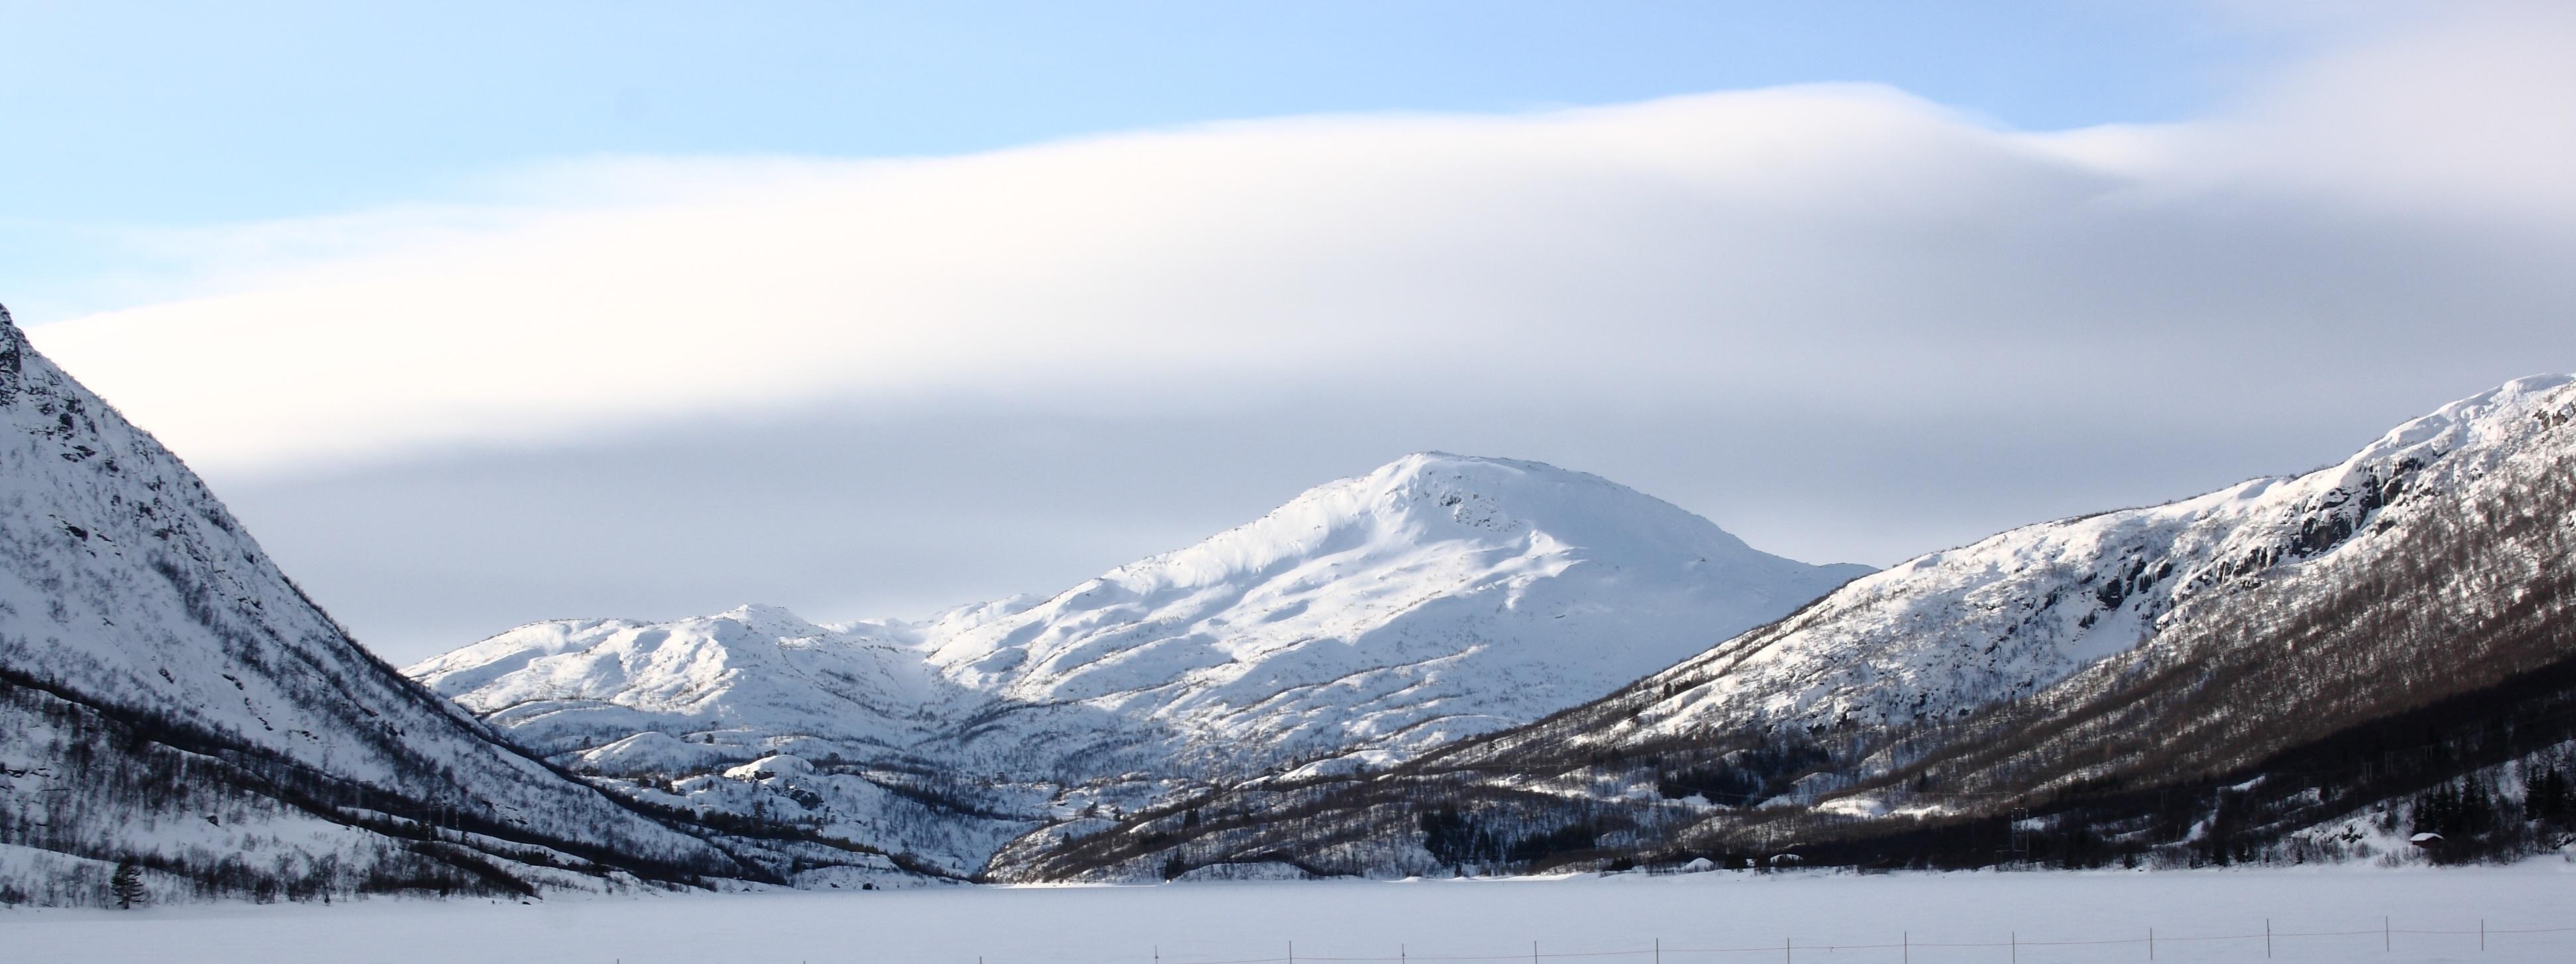 images gratuites paysage montagne neige hiver cha ne de montagnes naturel m t o saison. Black Bedroom Furniture Sets. Home Design Ideas